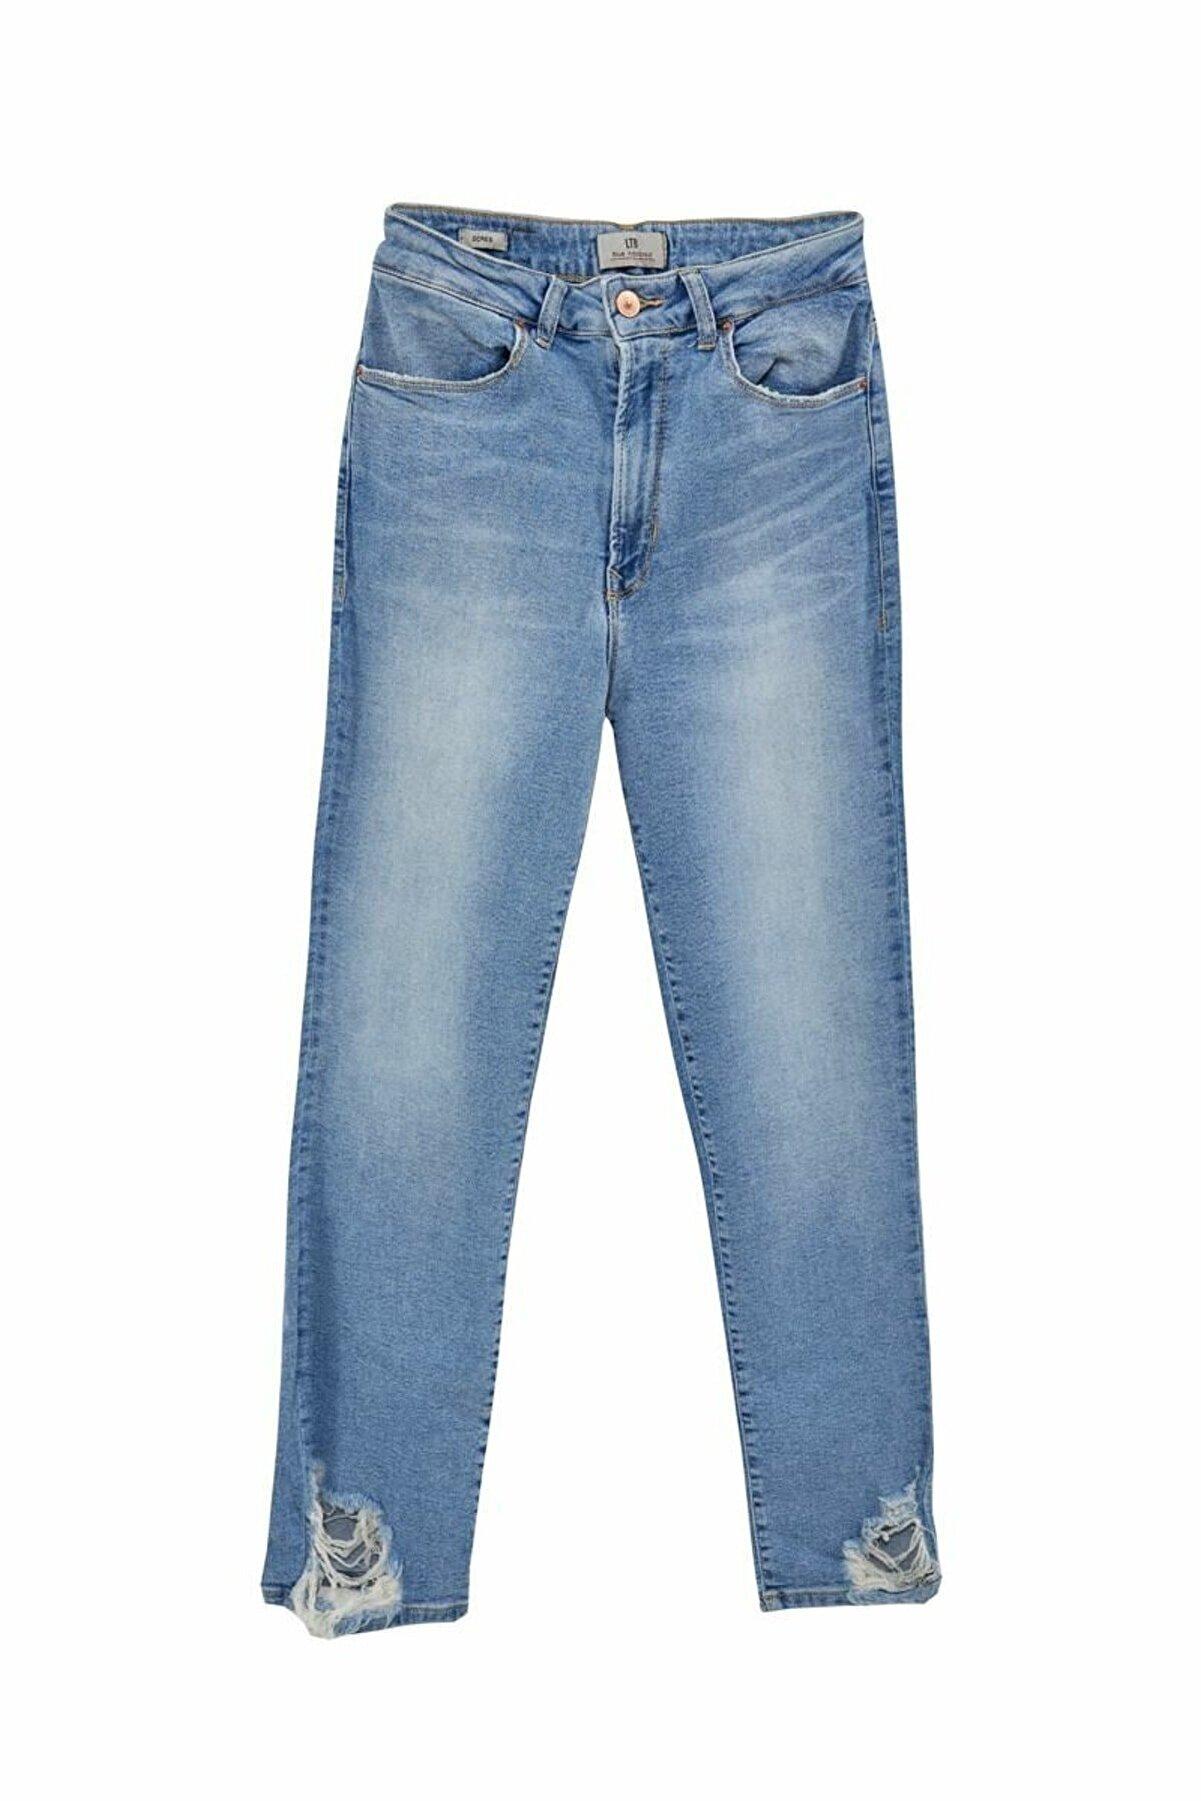 Ltb Dores Maraıs Paça Detaylı Mom Jeans 01009513941472653001